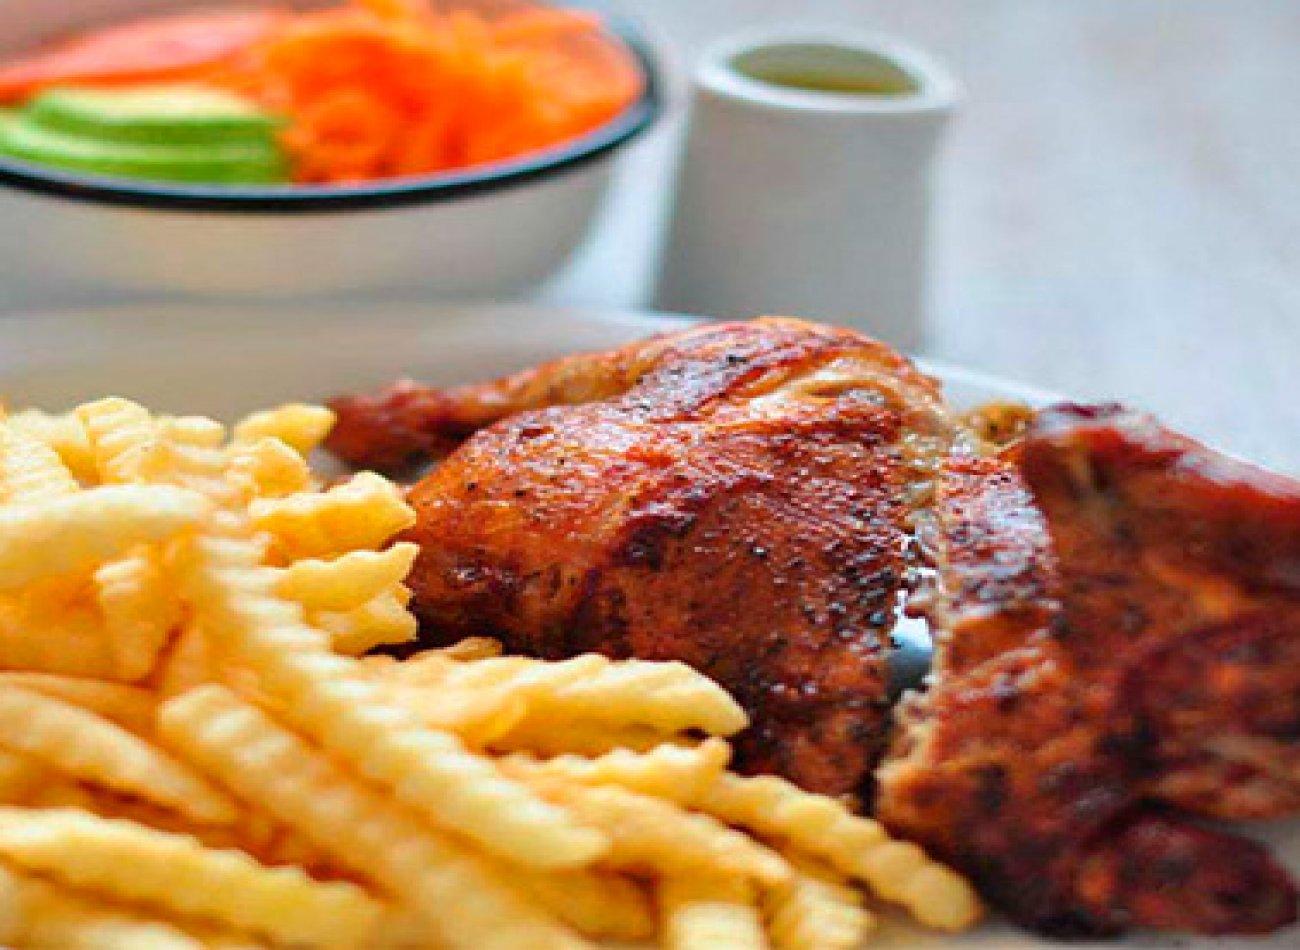 LA PANKA - VILLARAN Restaurante - Reserva en restaurantes de Comida BRASAS - LEñA Y HORNO DE BARRO - SURQUILLO - MESA 24/7 | LIMA - Perú